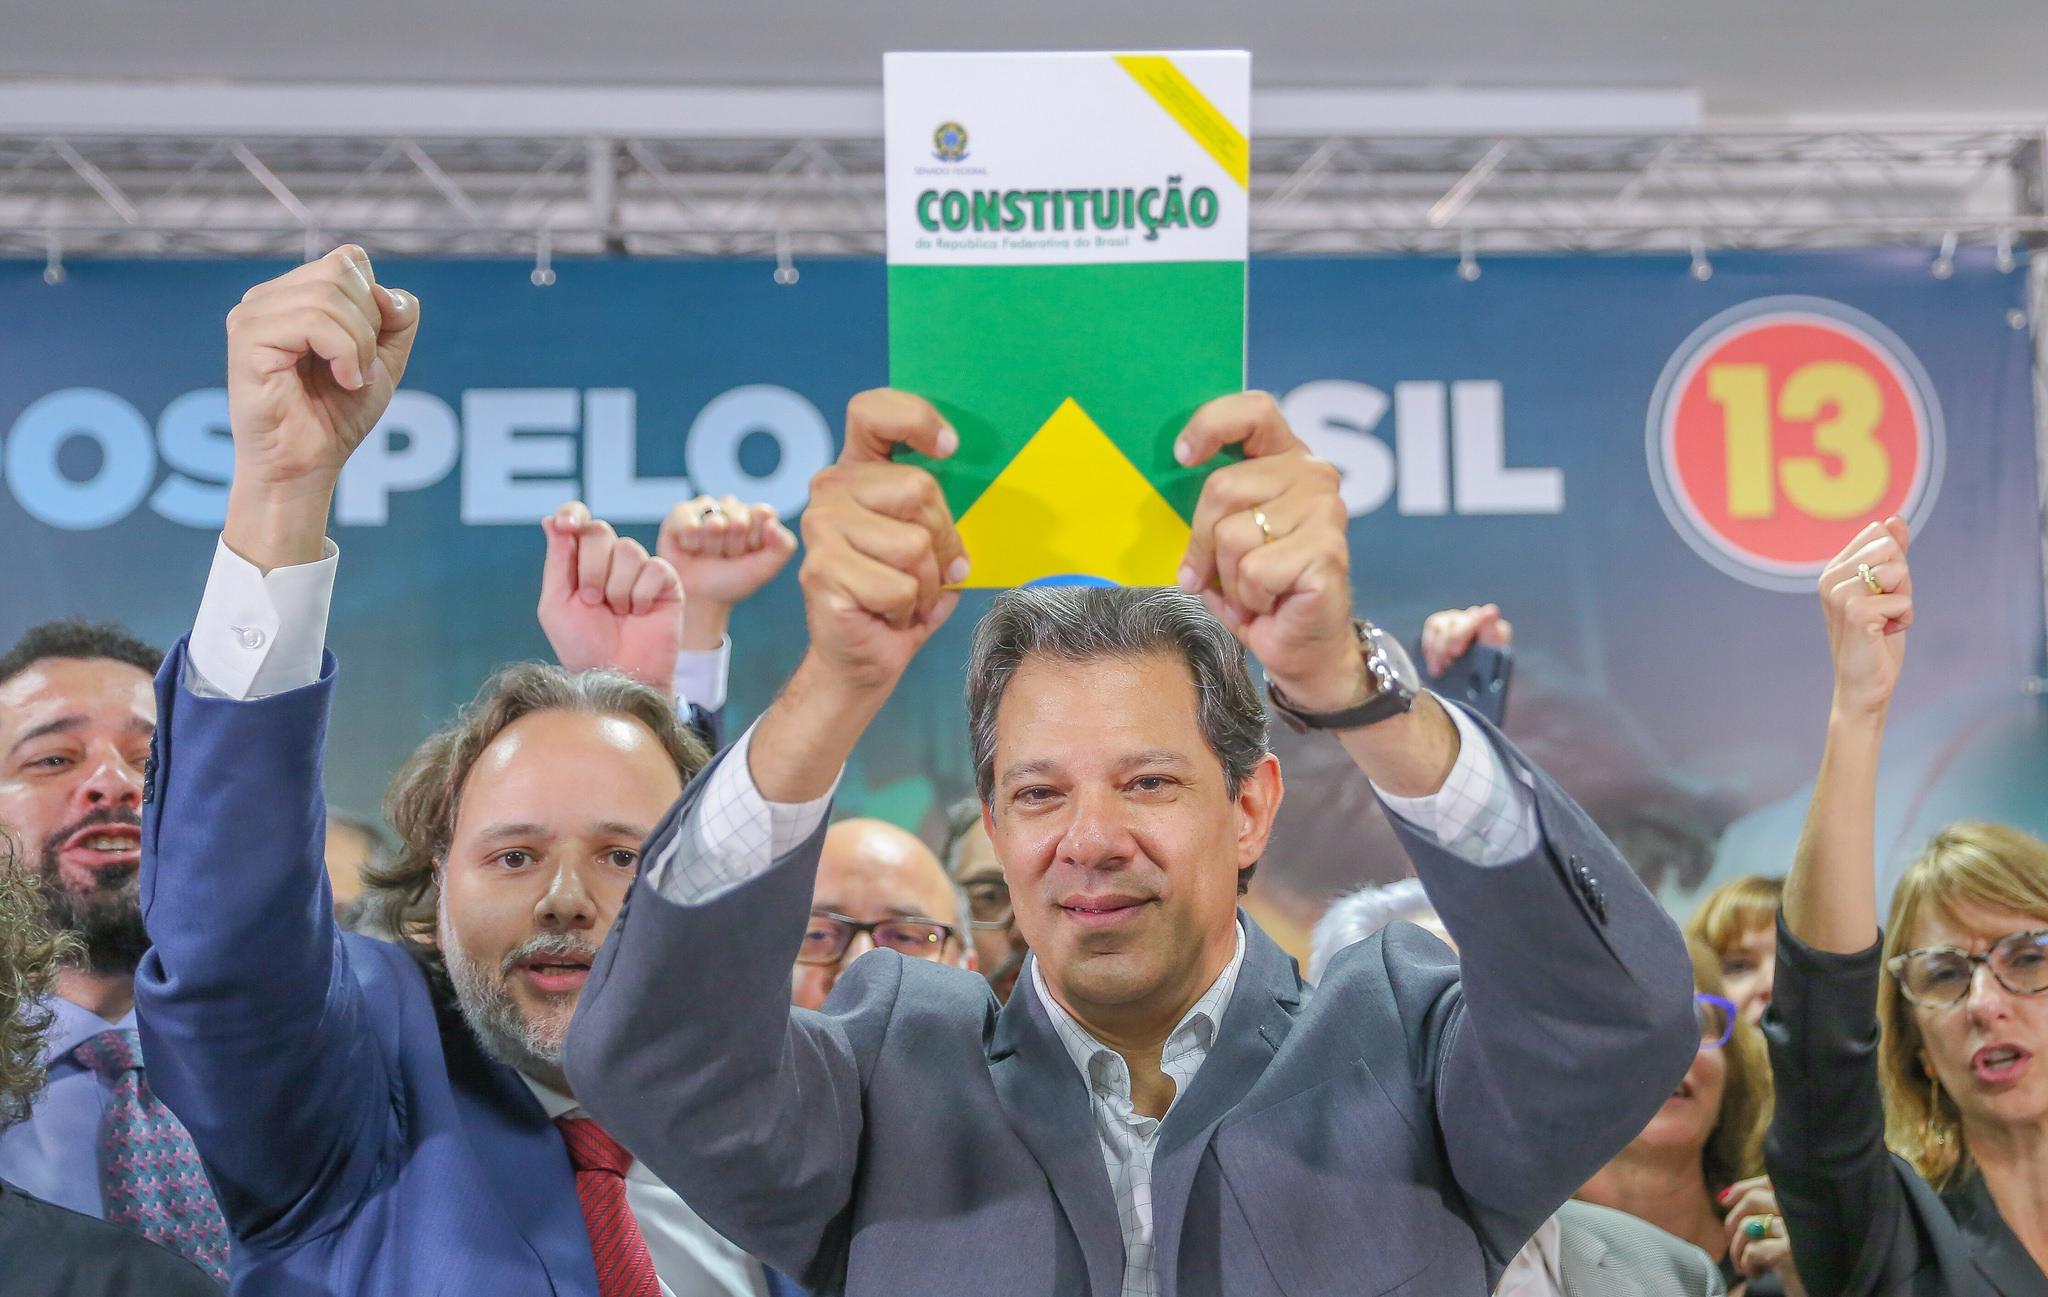 Para Haddad, povo brasileiro começou a se livrar do socialismo: Bolsonaro dá tungada de R$ 8 em cada salário mínimo